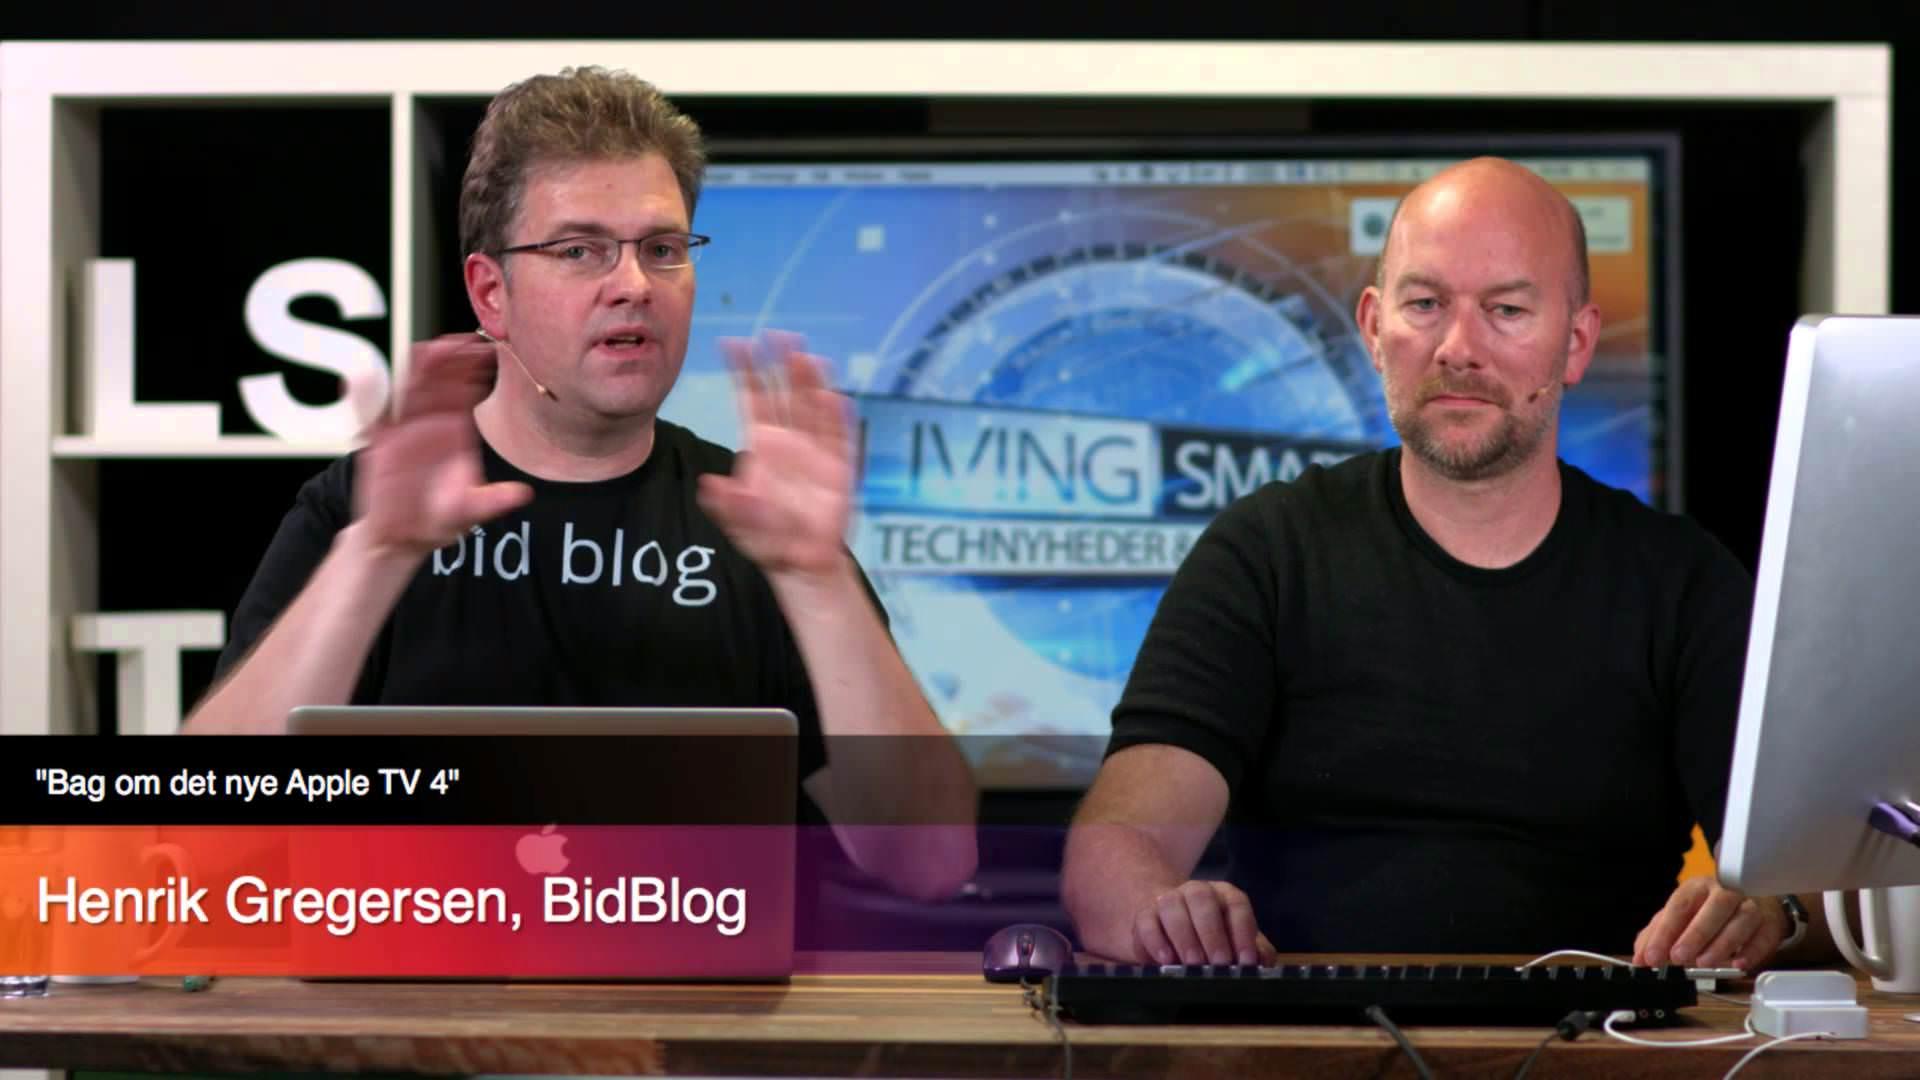 I denne video giver jeg mine bud på hvad vi kan forvente os af Apple TV 4